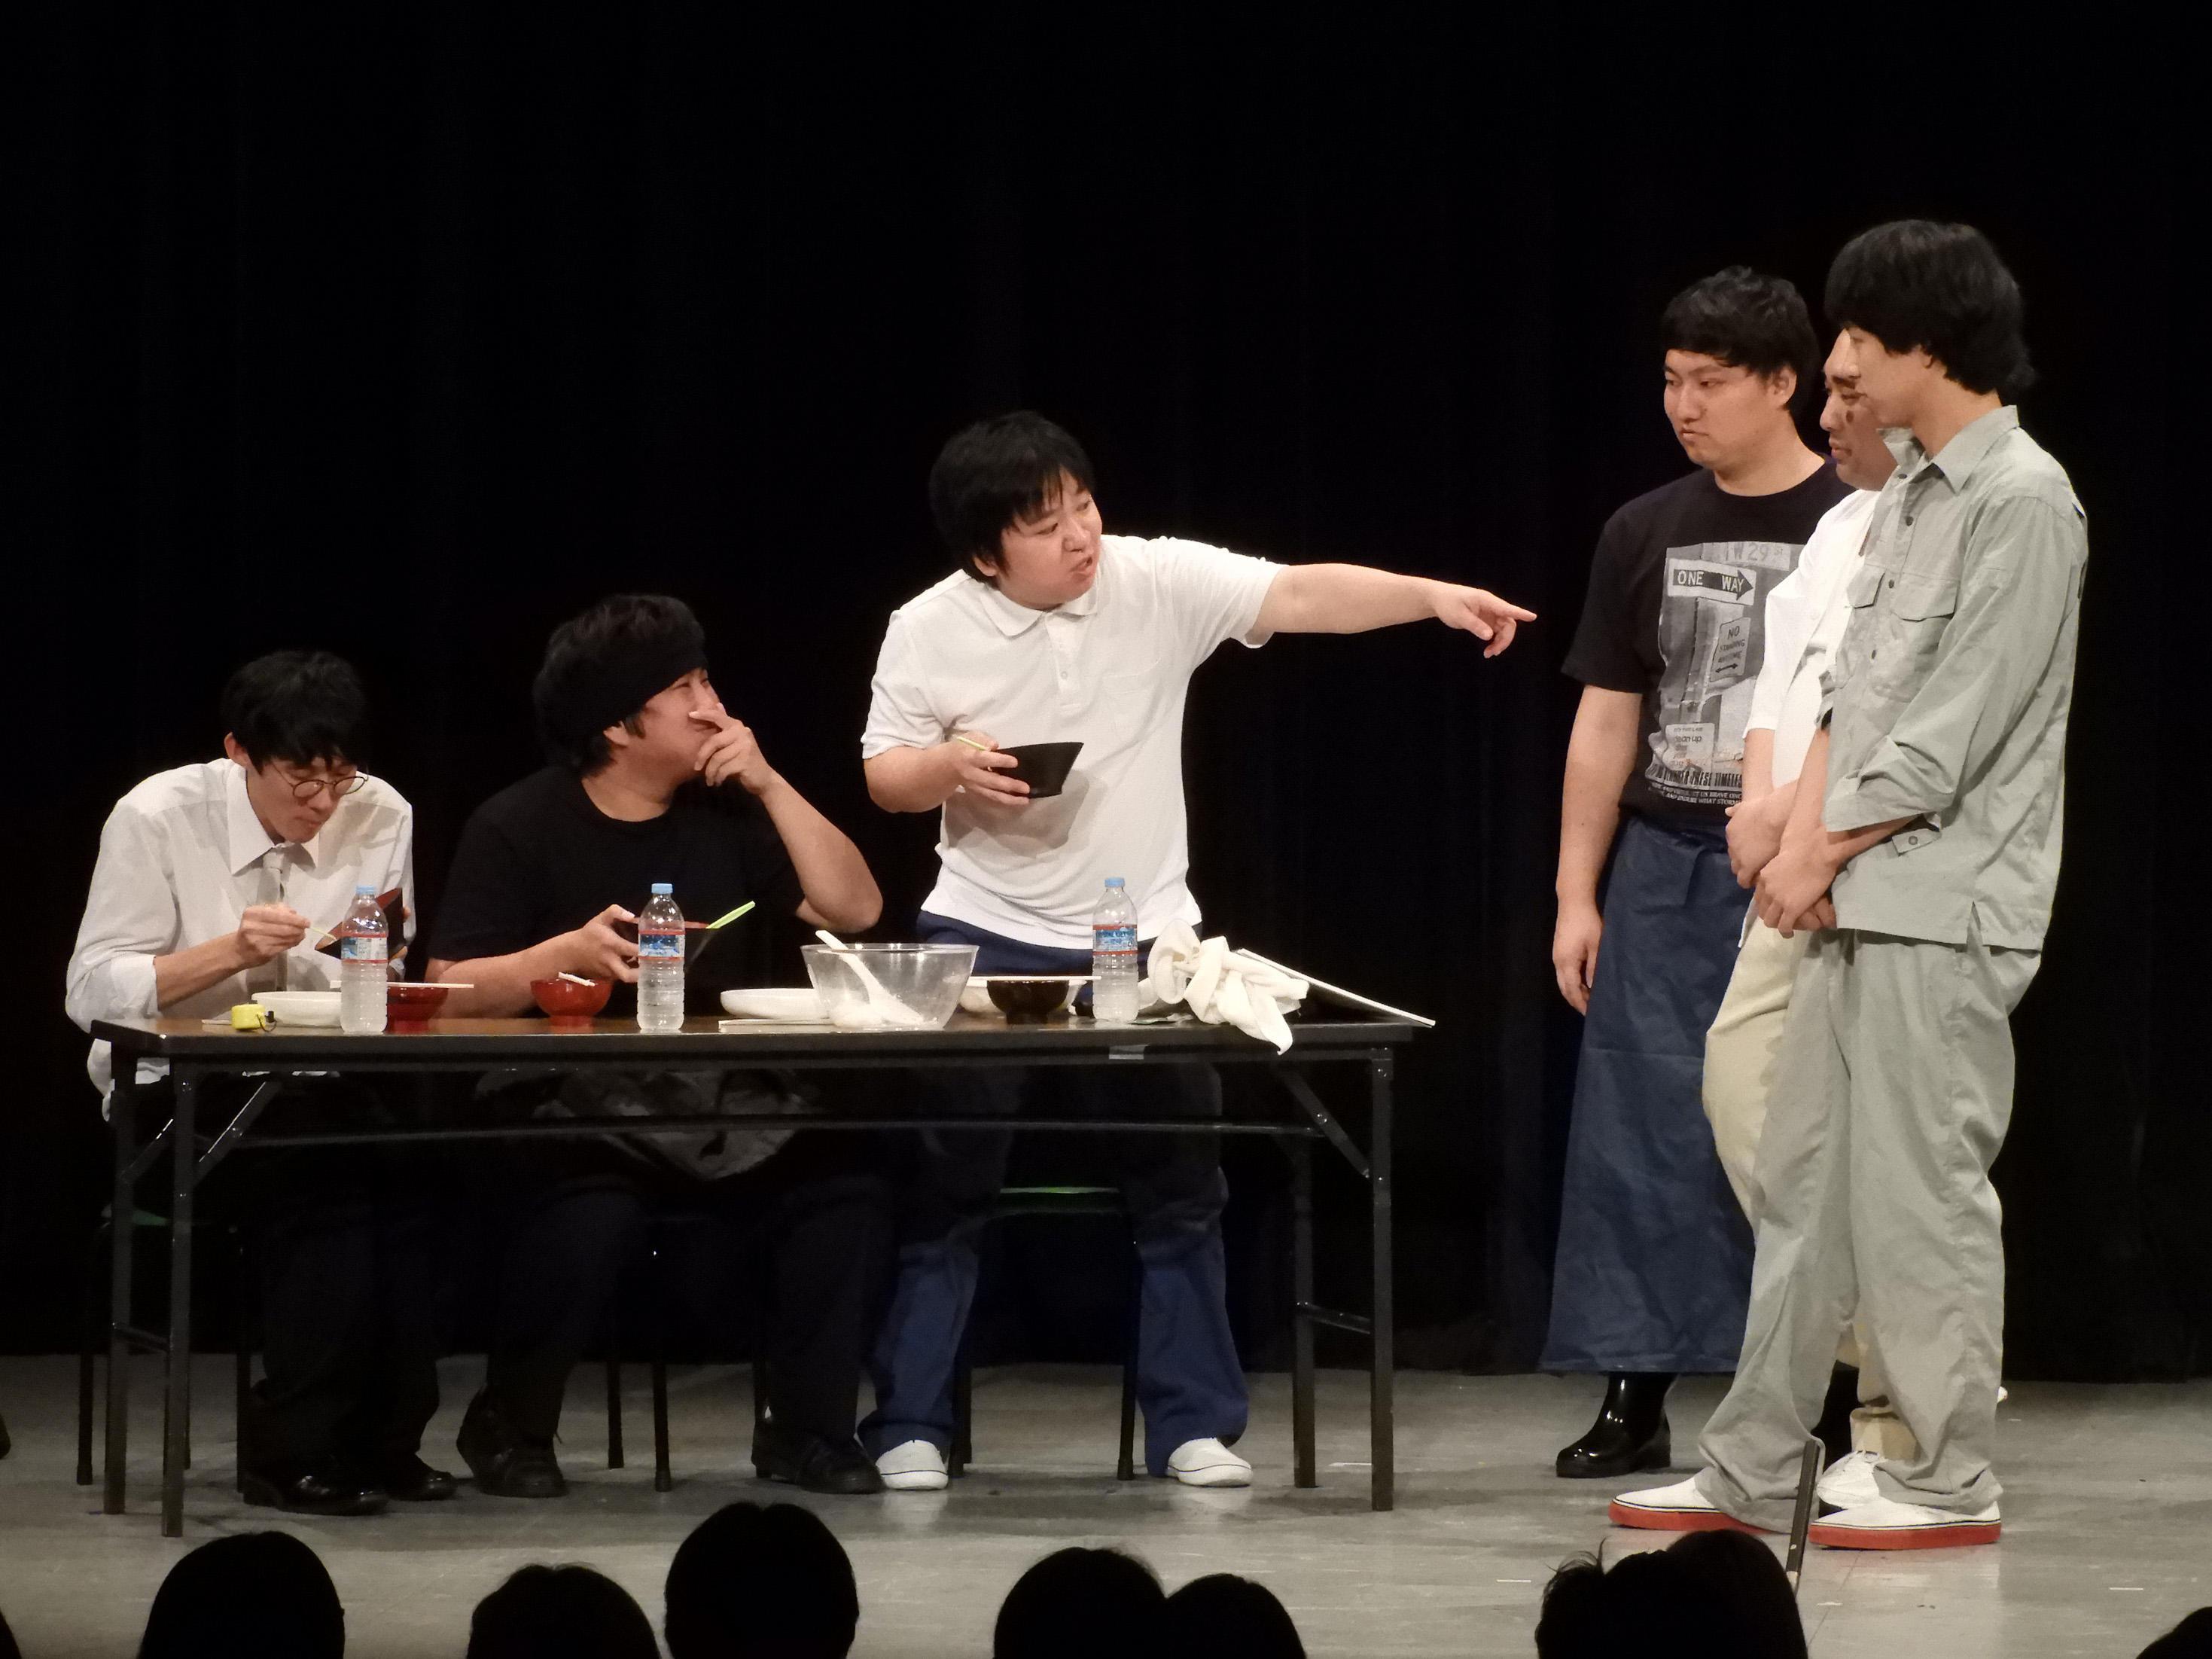 http://news.yoshimoto.co.jp/20180619144814-fab6ee4d4d04ce635c30f6cc7c9488d6ef04d751.jpg